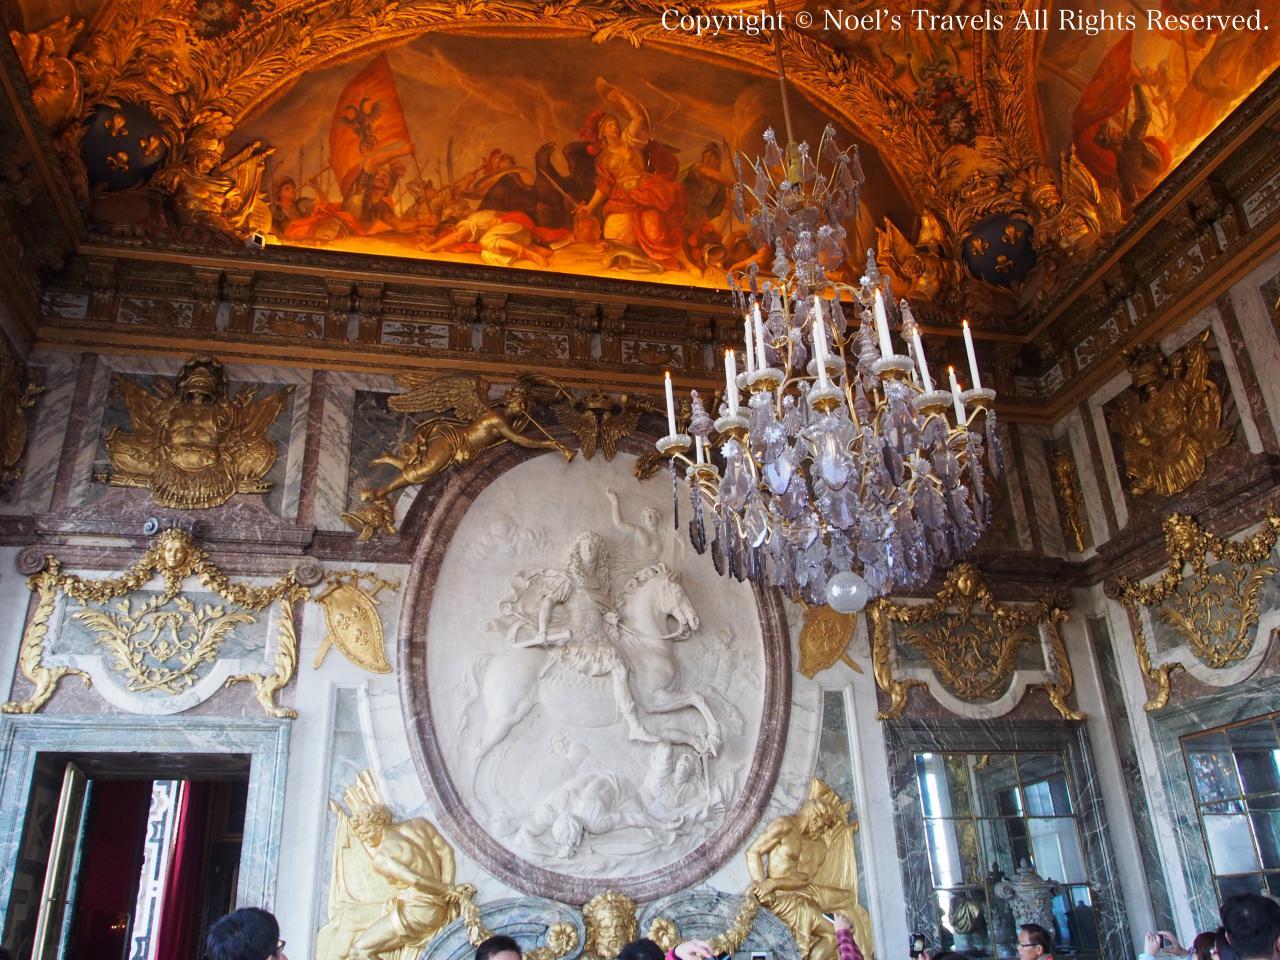 ヴェルサイユ宮殿の戦争の間